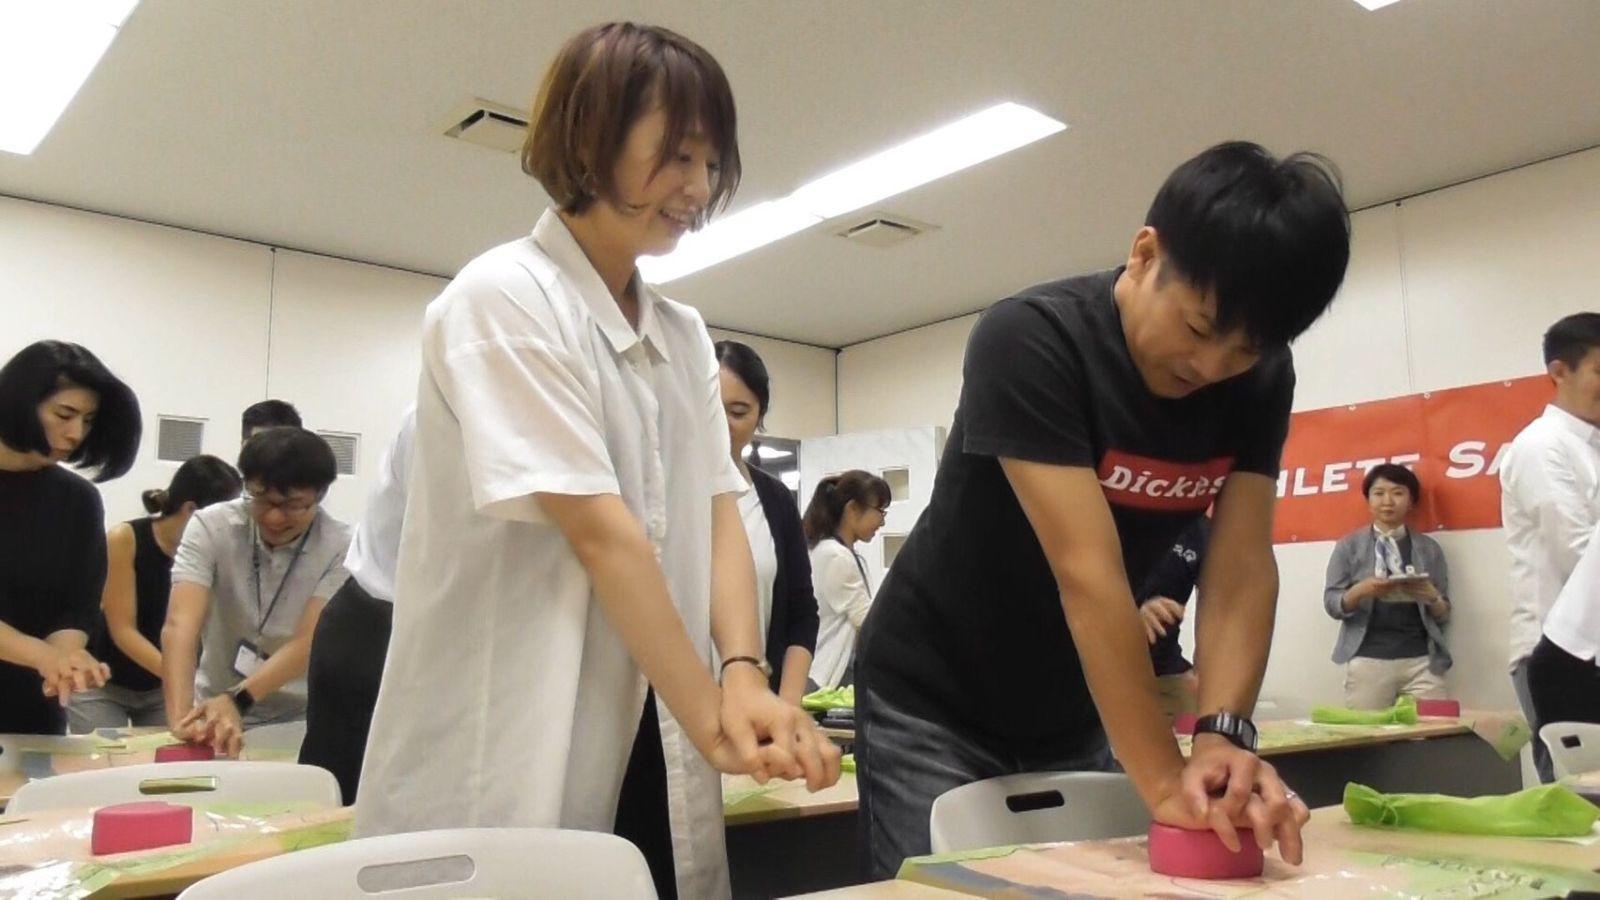 岡田さん AED実習 一緒に